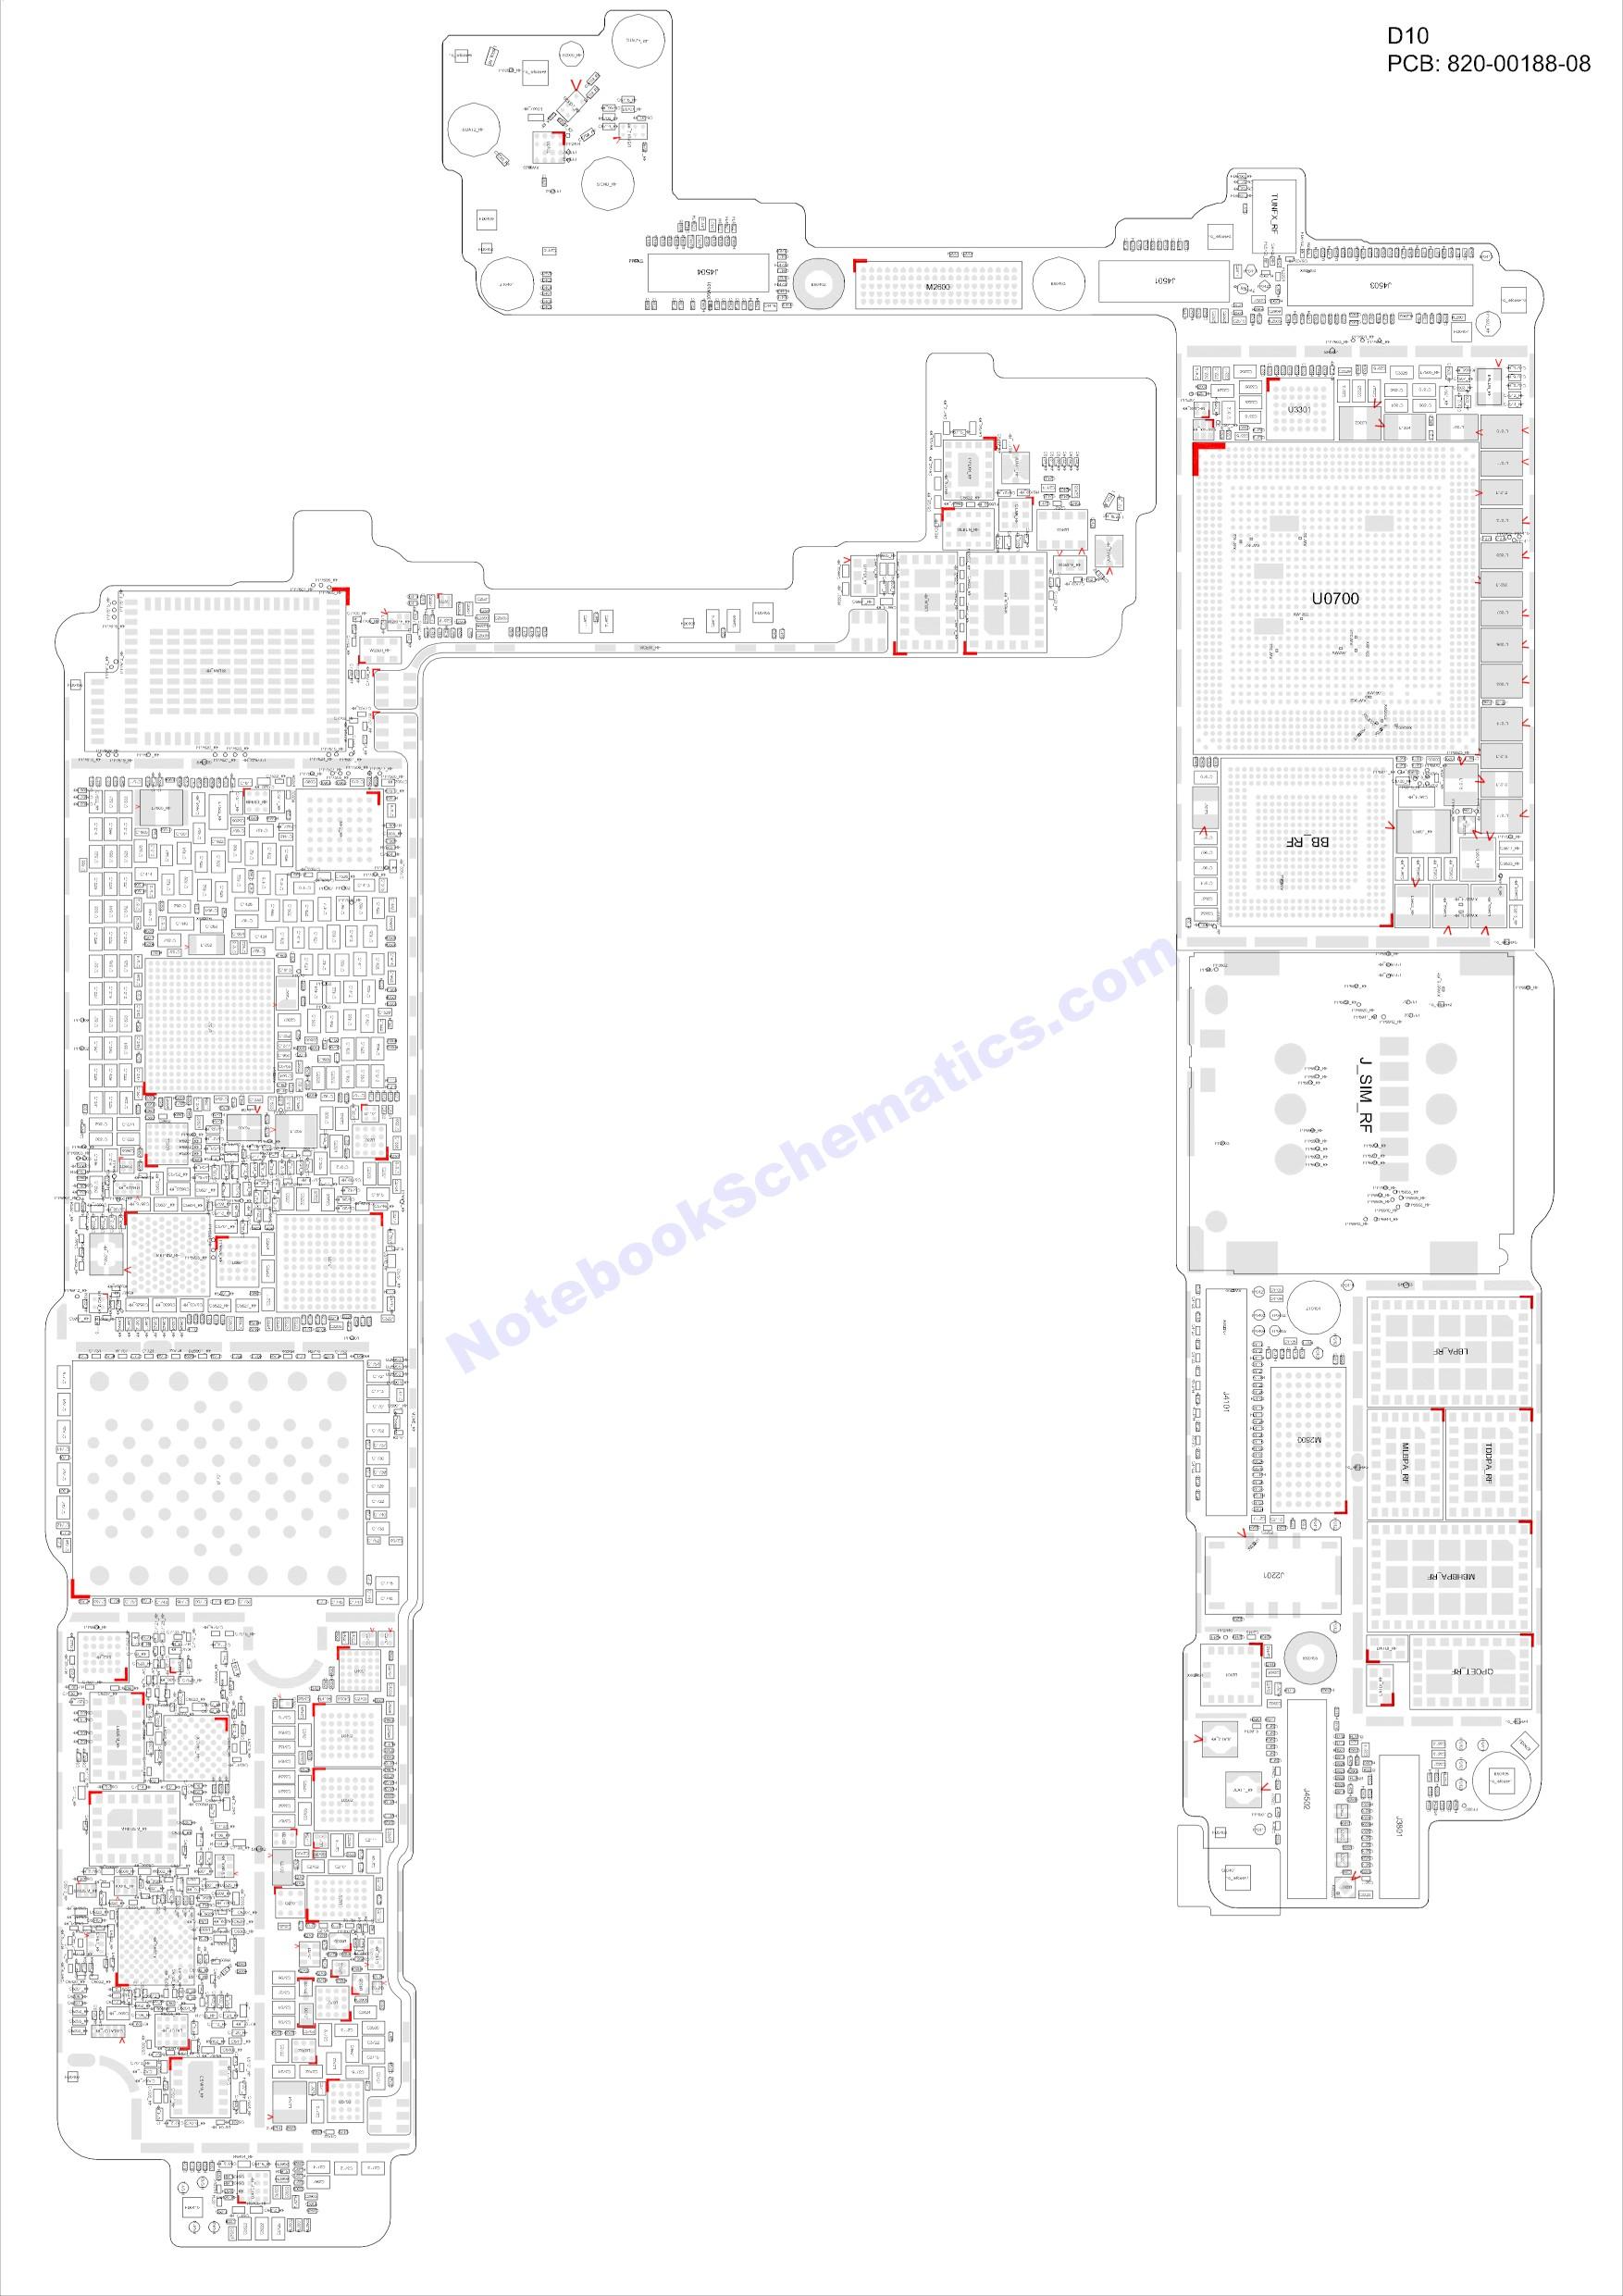 iphone 7 820-00188 schematic  u0026 pcb layout